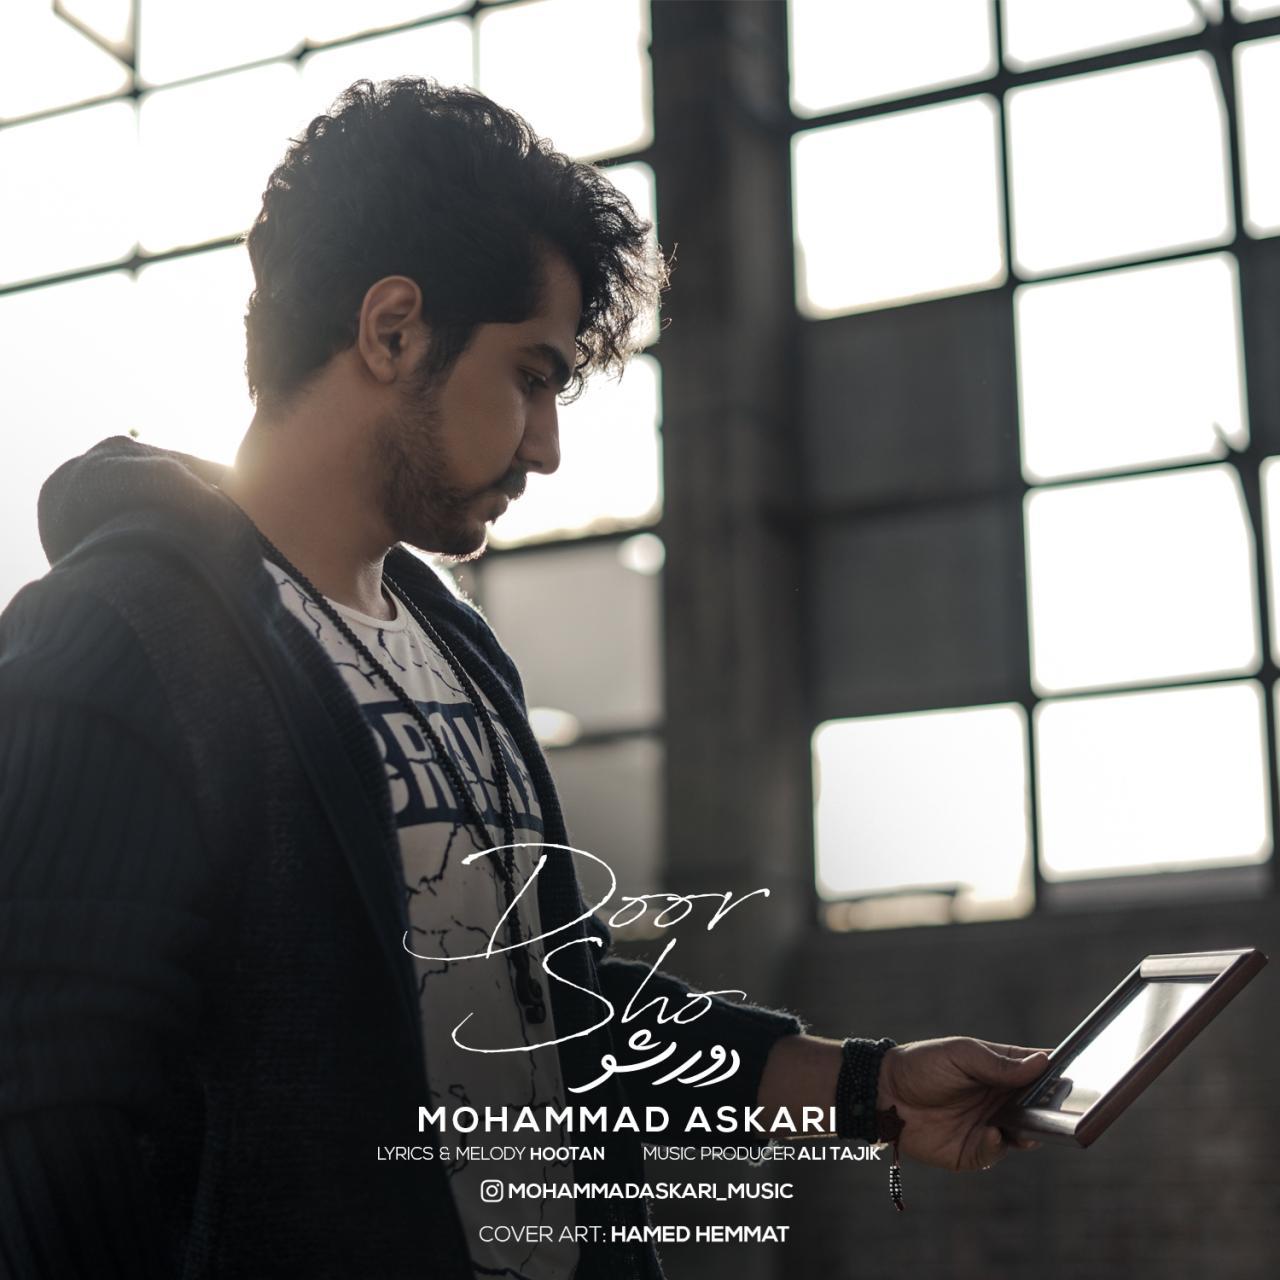 Mohammad Askari – Door Sho